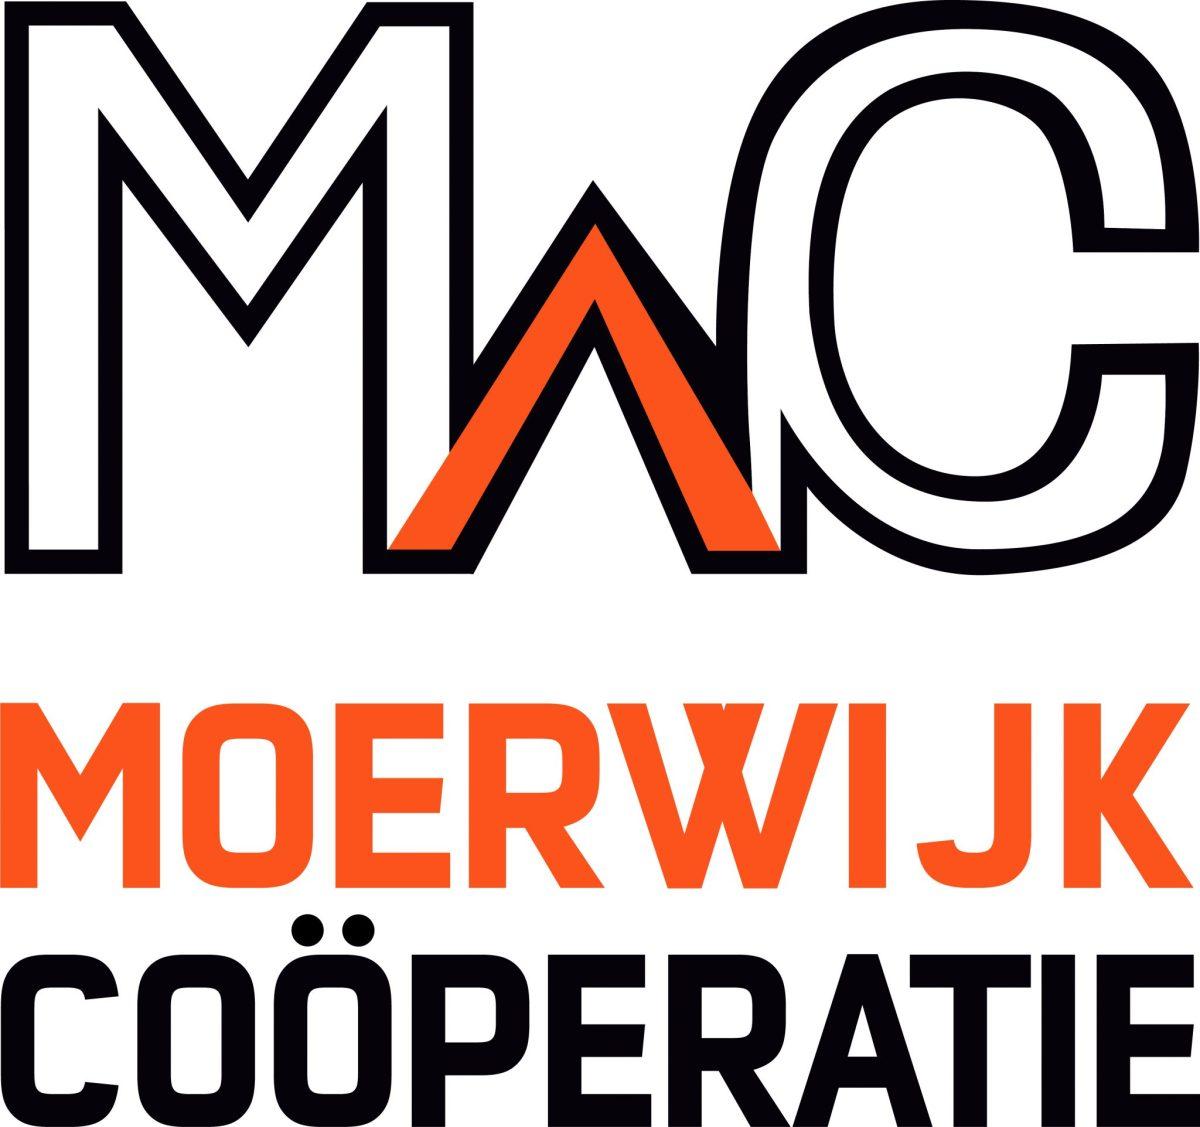 Moerwijk Coöperatie opgericht